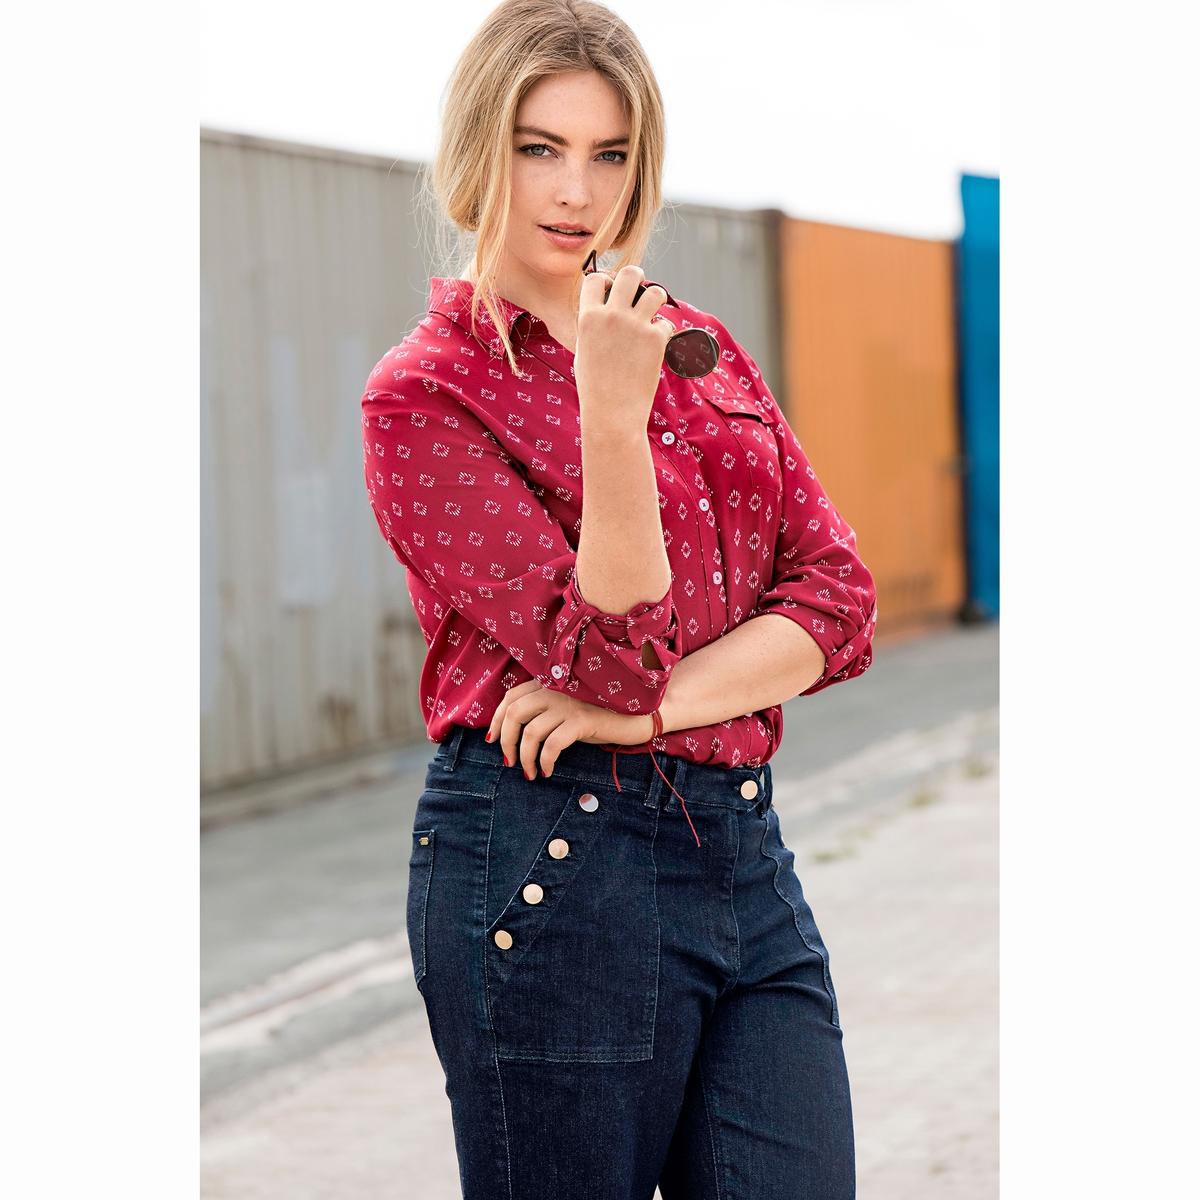 БлузкаБлузка с рубашечным воротником ULLA POPKEN. 100% вискоза. Удлиненная блузка с рубашечным воротником, красивый мелкий рисунок. Открытый рубашечный воротник, нагрудный карман, разрезы по бокам. Длинные рукава, отделка манжет, рукава подворачиваются до длины 3/4. Длина зависит от размера: от 76 до 81 см<br><br>Цвет: набивной рисунок<br>Размер: 52/54 (FR) - 58/60 (RUS)